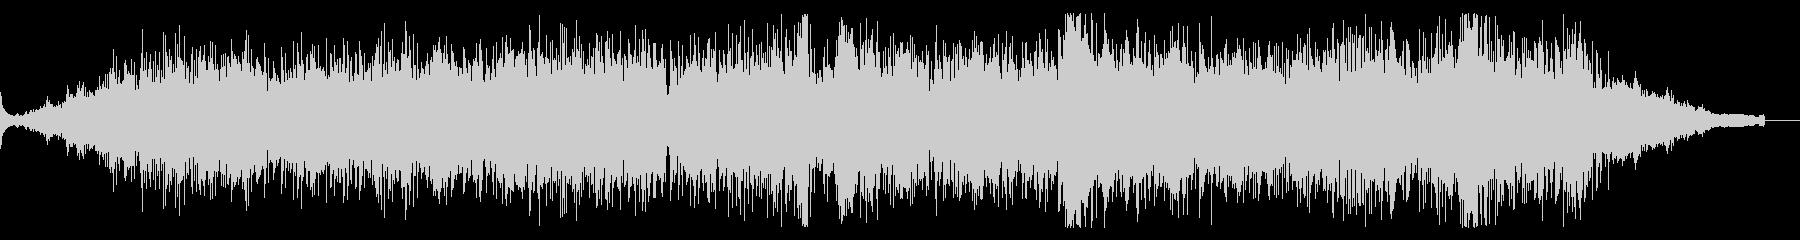 アトモスフィリックでエスニックなBGMの未再生の波形